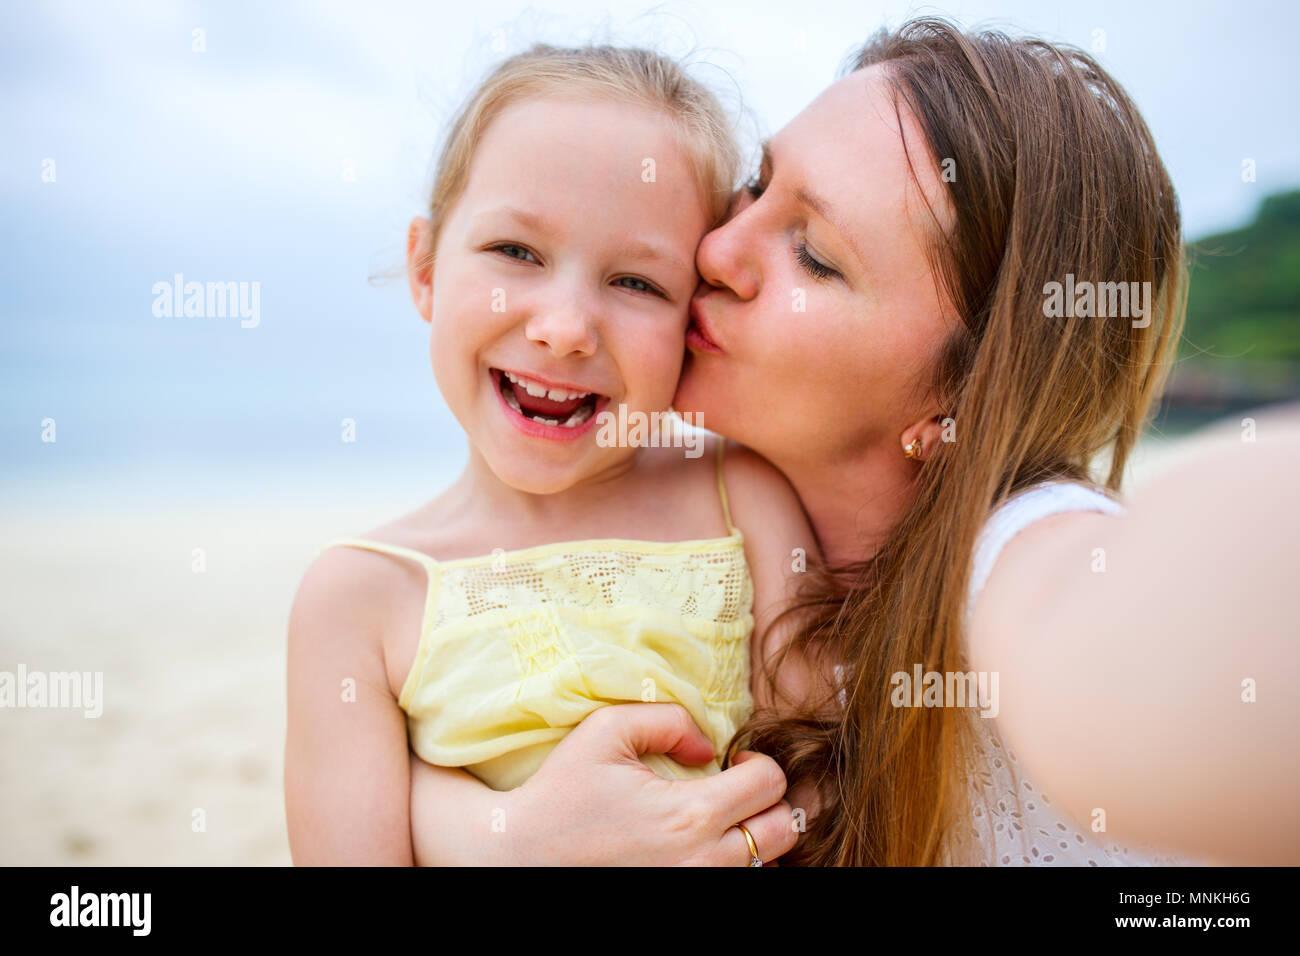 Glückliche Familie Mutter und ihre süßen kleinen Tochter am Strand machen selfie Stockfoto